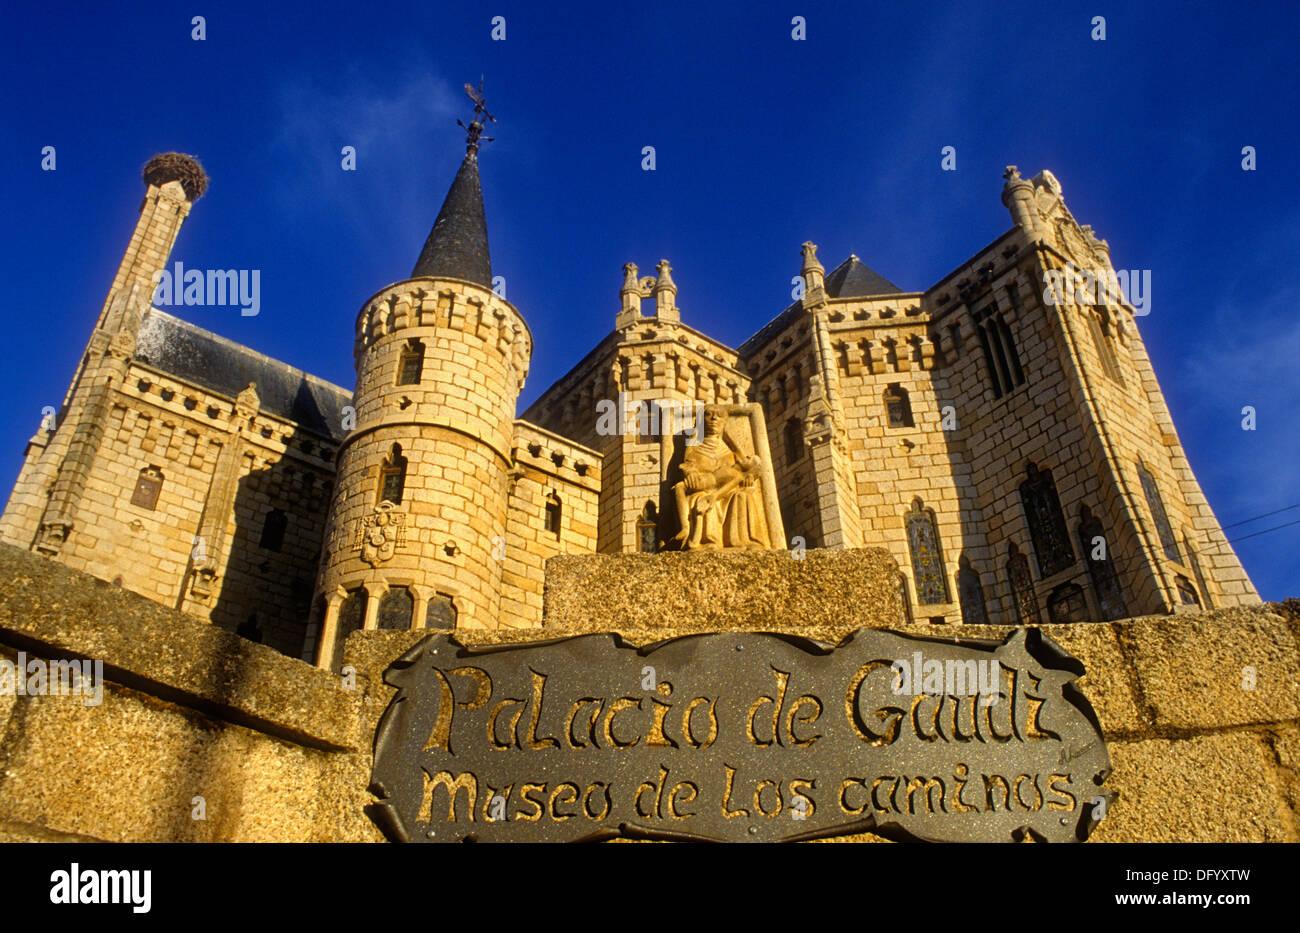 Palacio Episcopal, by Gaudi. Astorga. León province. Spain. Camino de Santiago - Stock Image